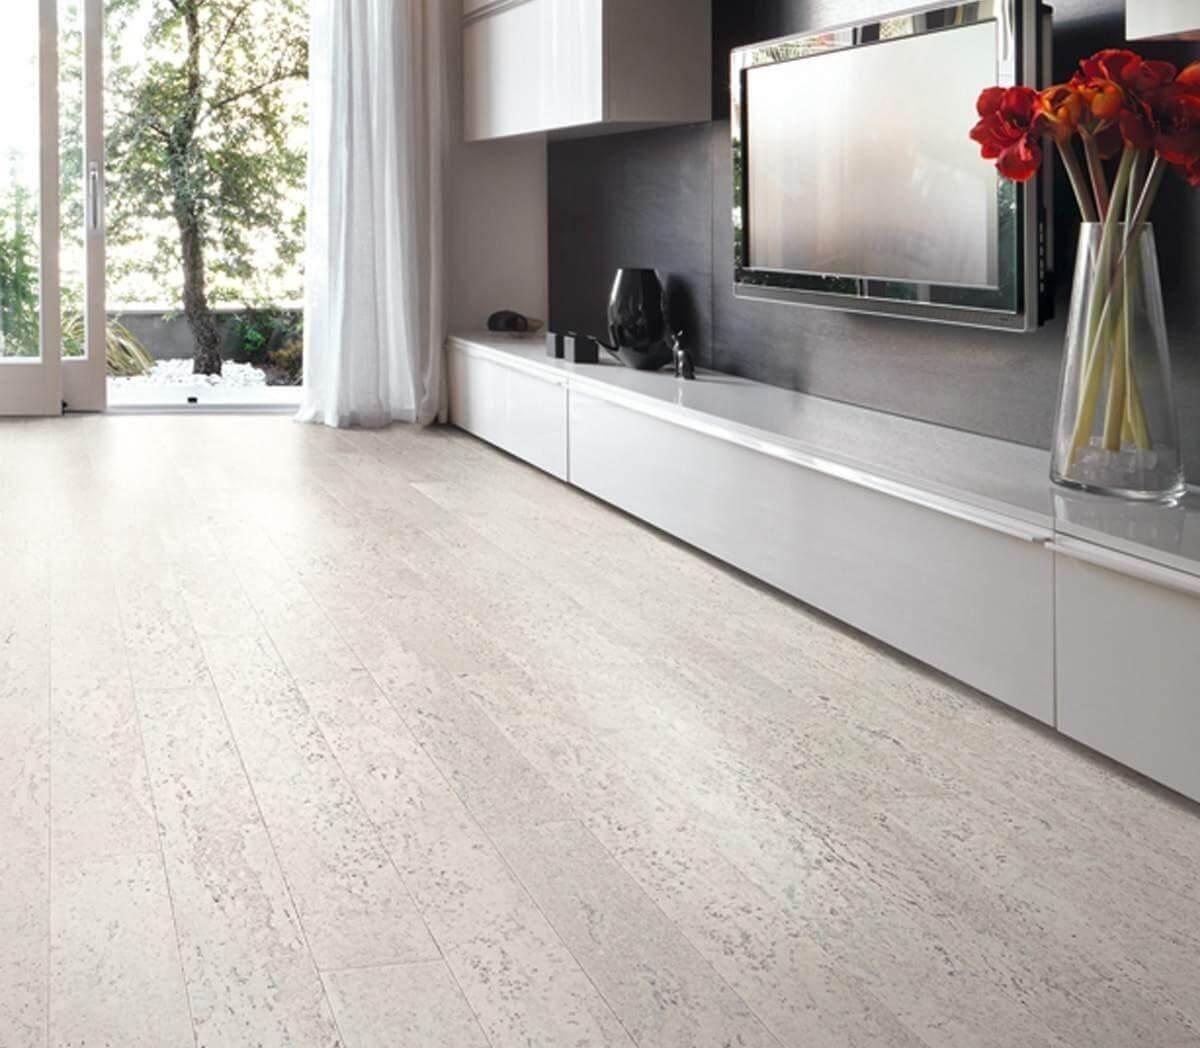 Pin von Pro Floor Tips auf Cork Flooring | Pinterest | Boden, Mein ...